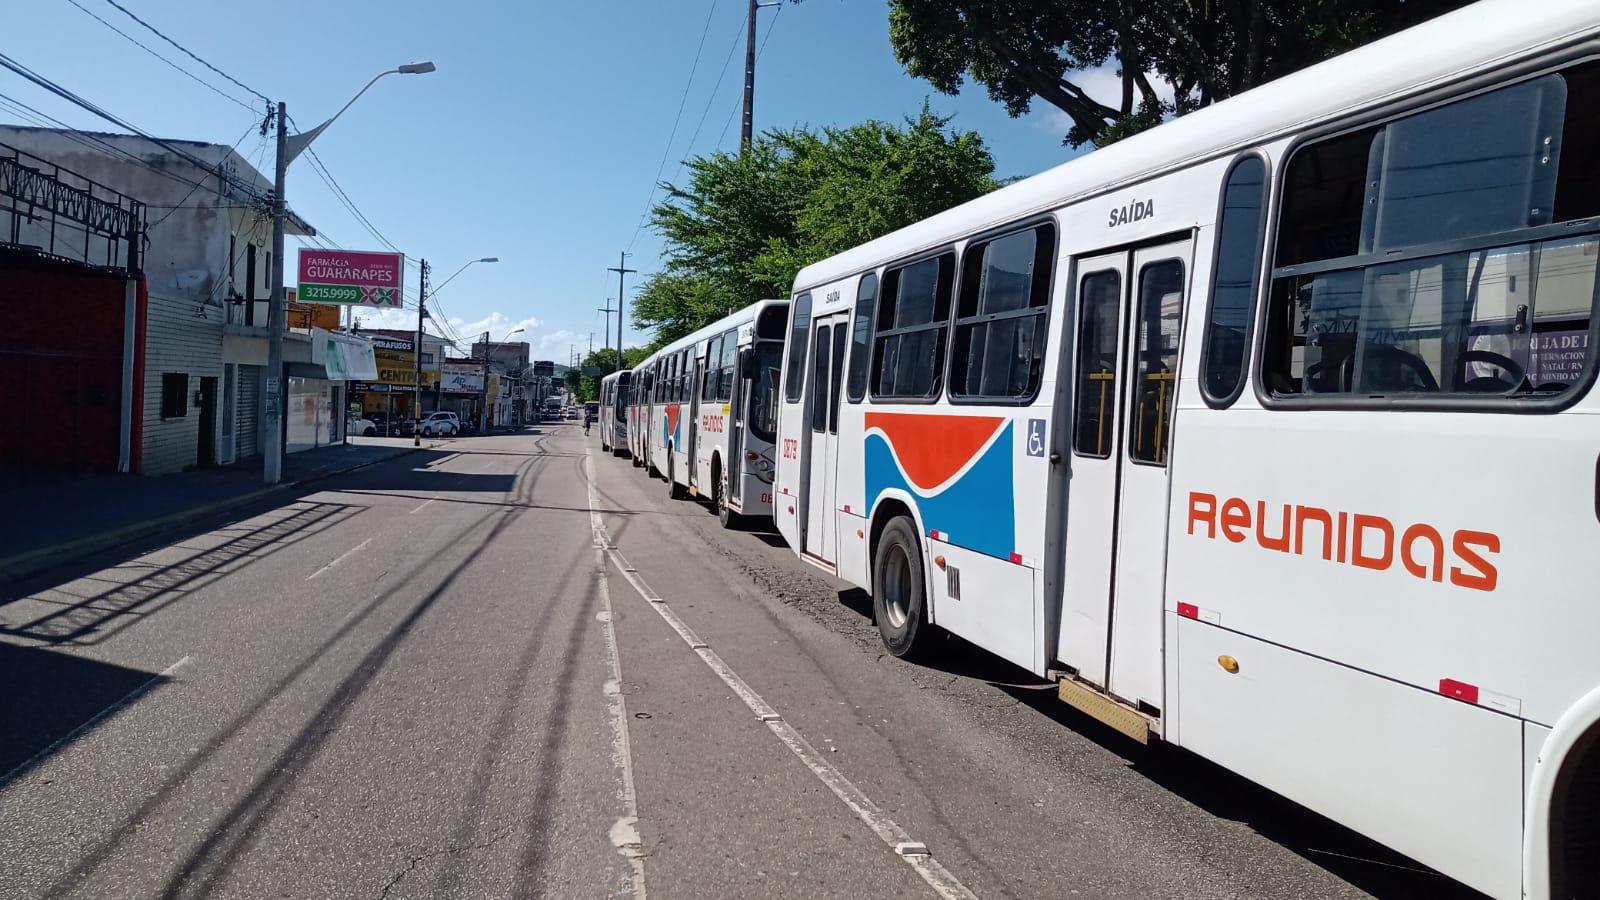 Nova paralisação de rodoviários das empresas Santa Maria e Reunidas na manhã de hoje